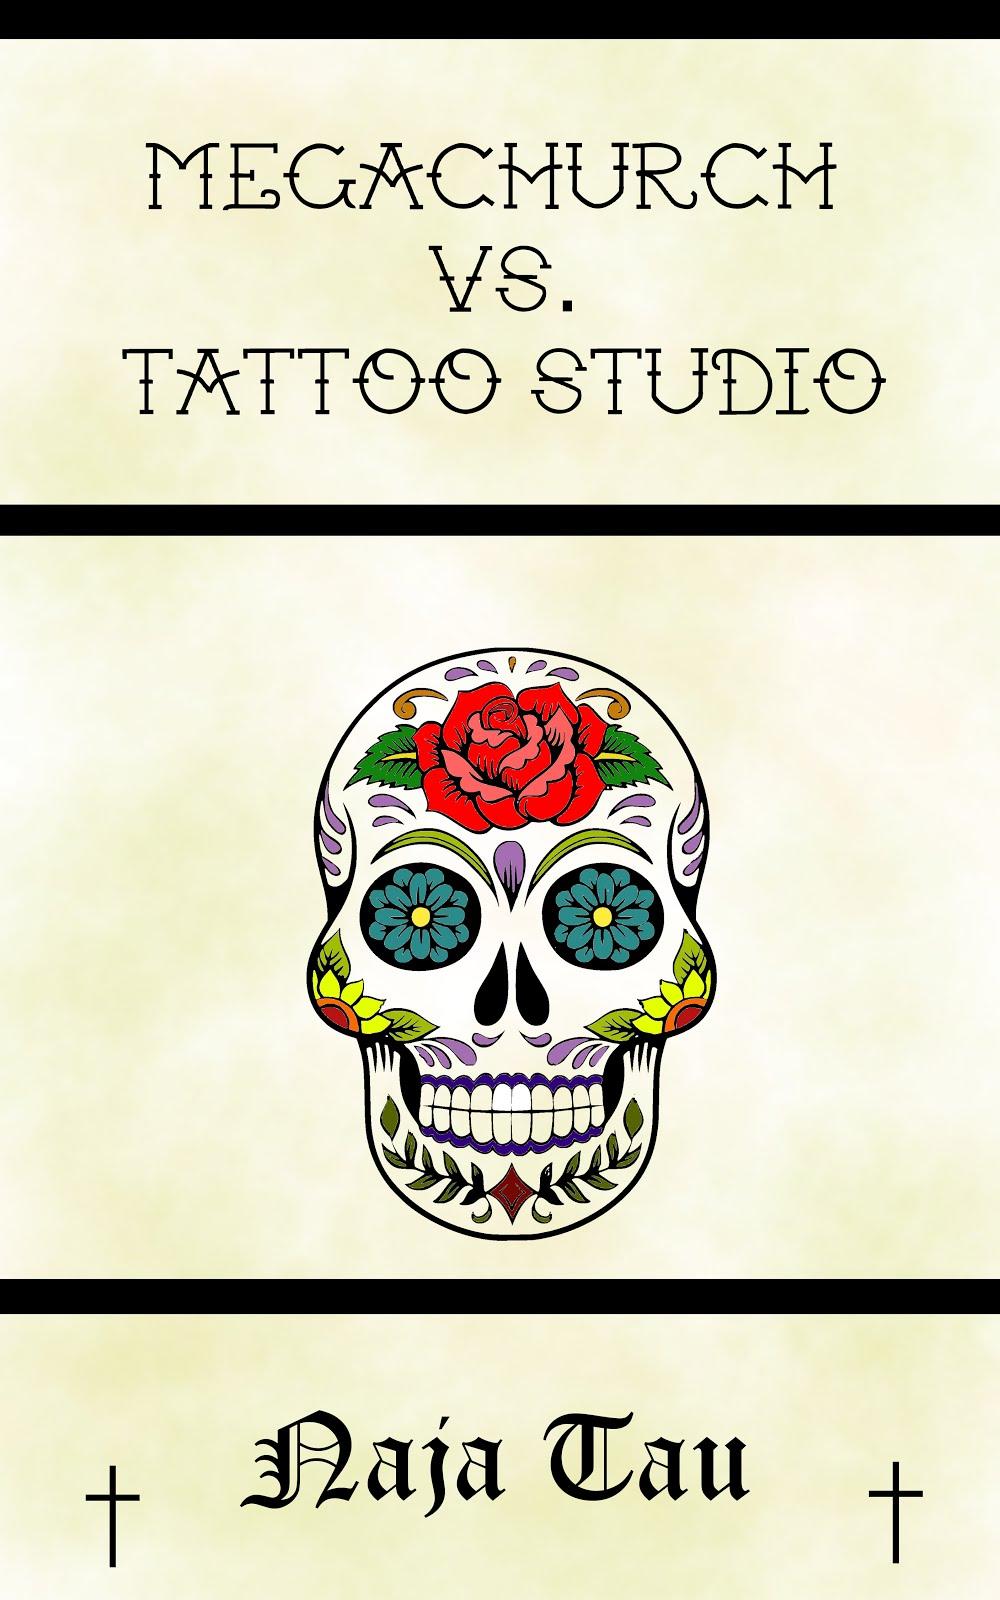 Megachurch Versus Tattoo Studio